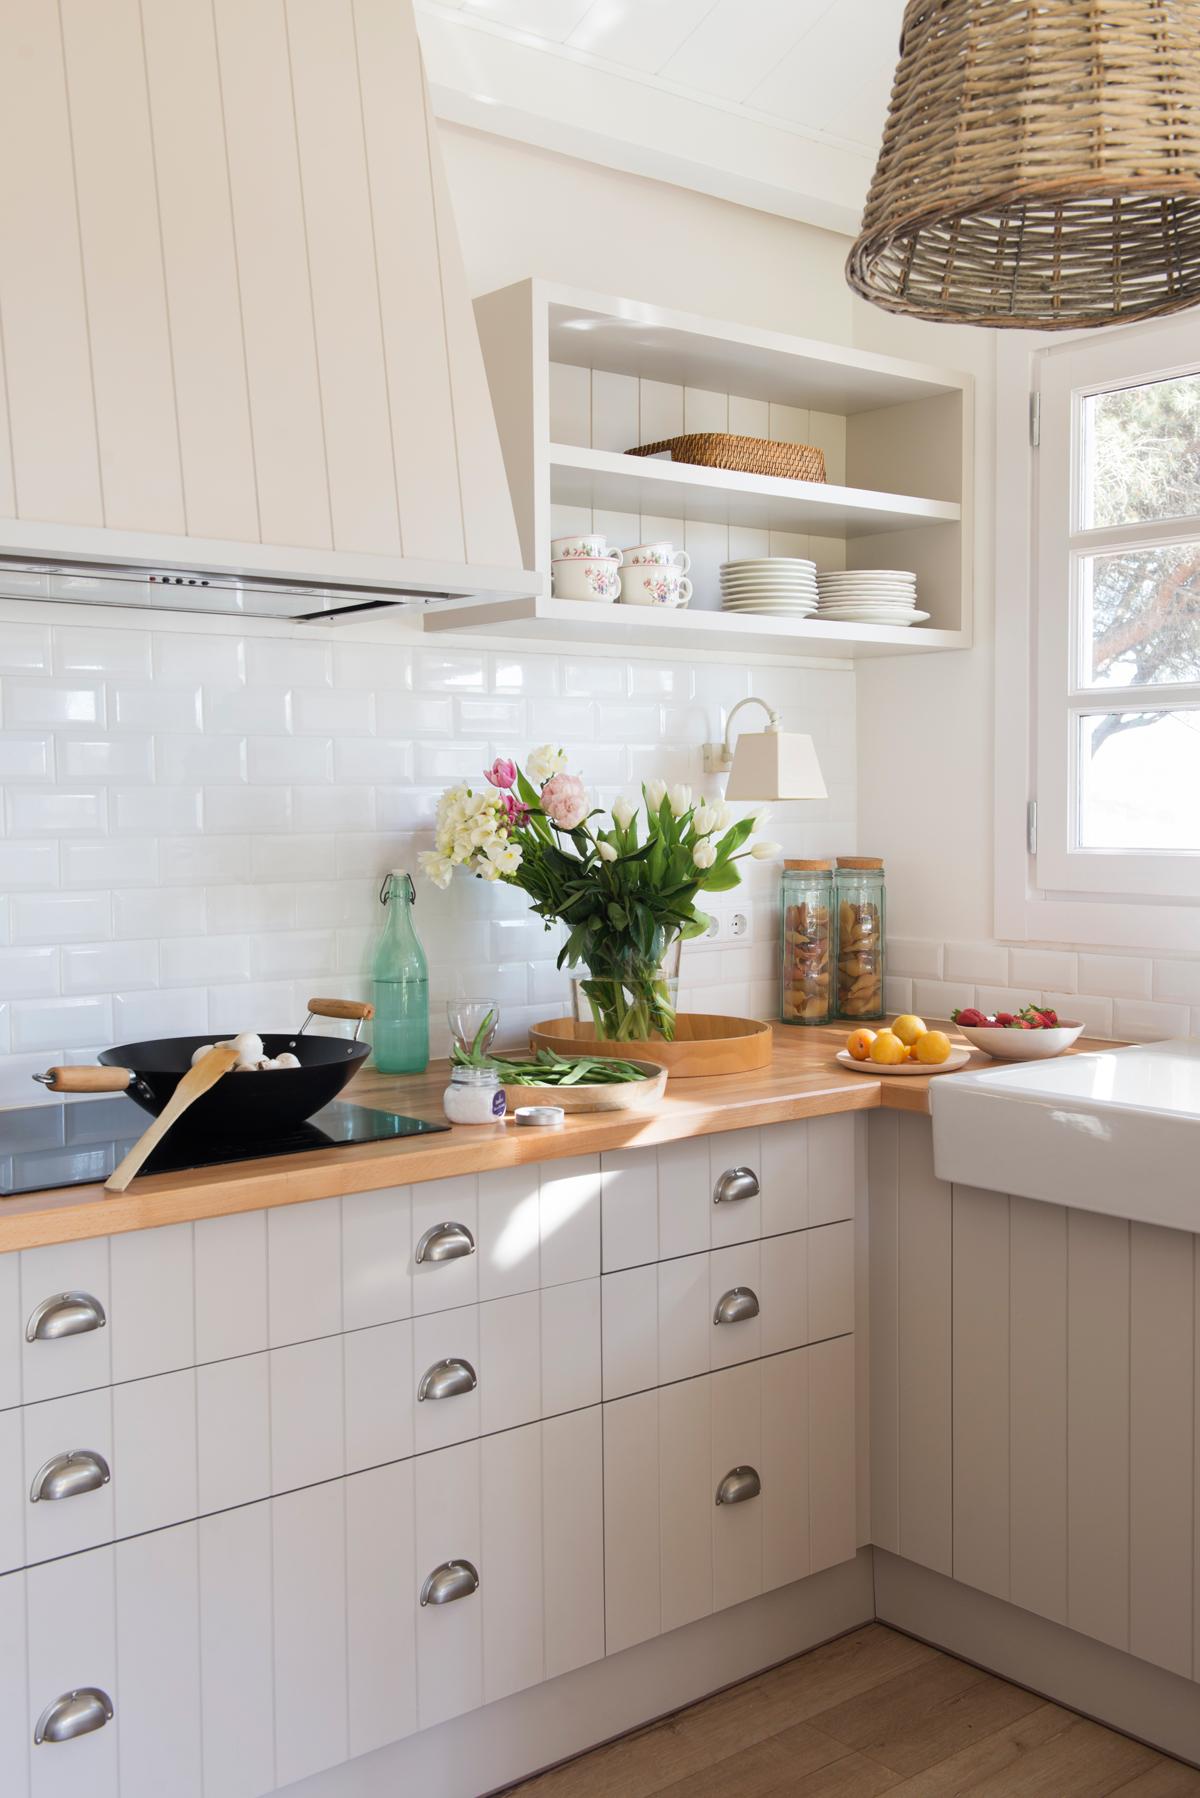 Renueva tu cocina y tu ba o sin grandes obras - Cambiar encimera cocina sin obras ...